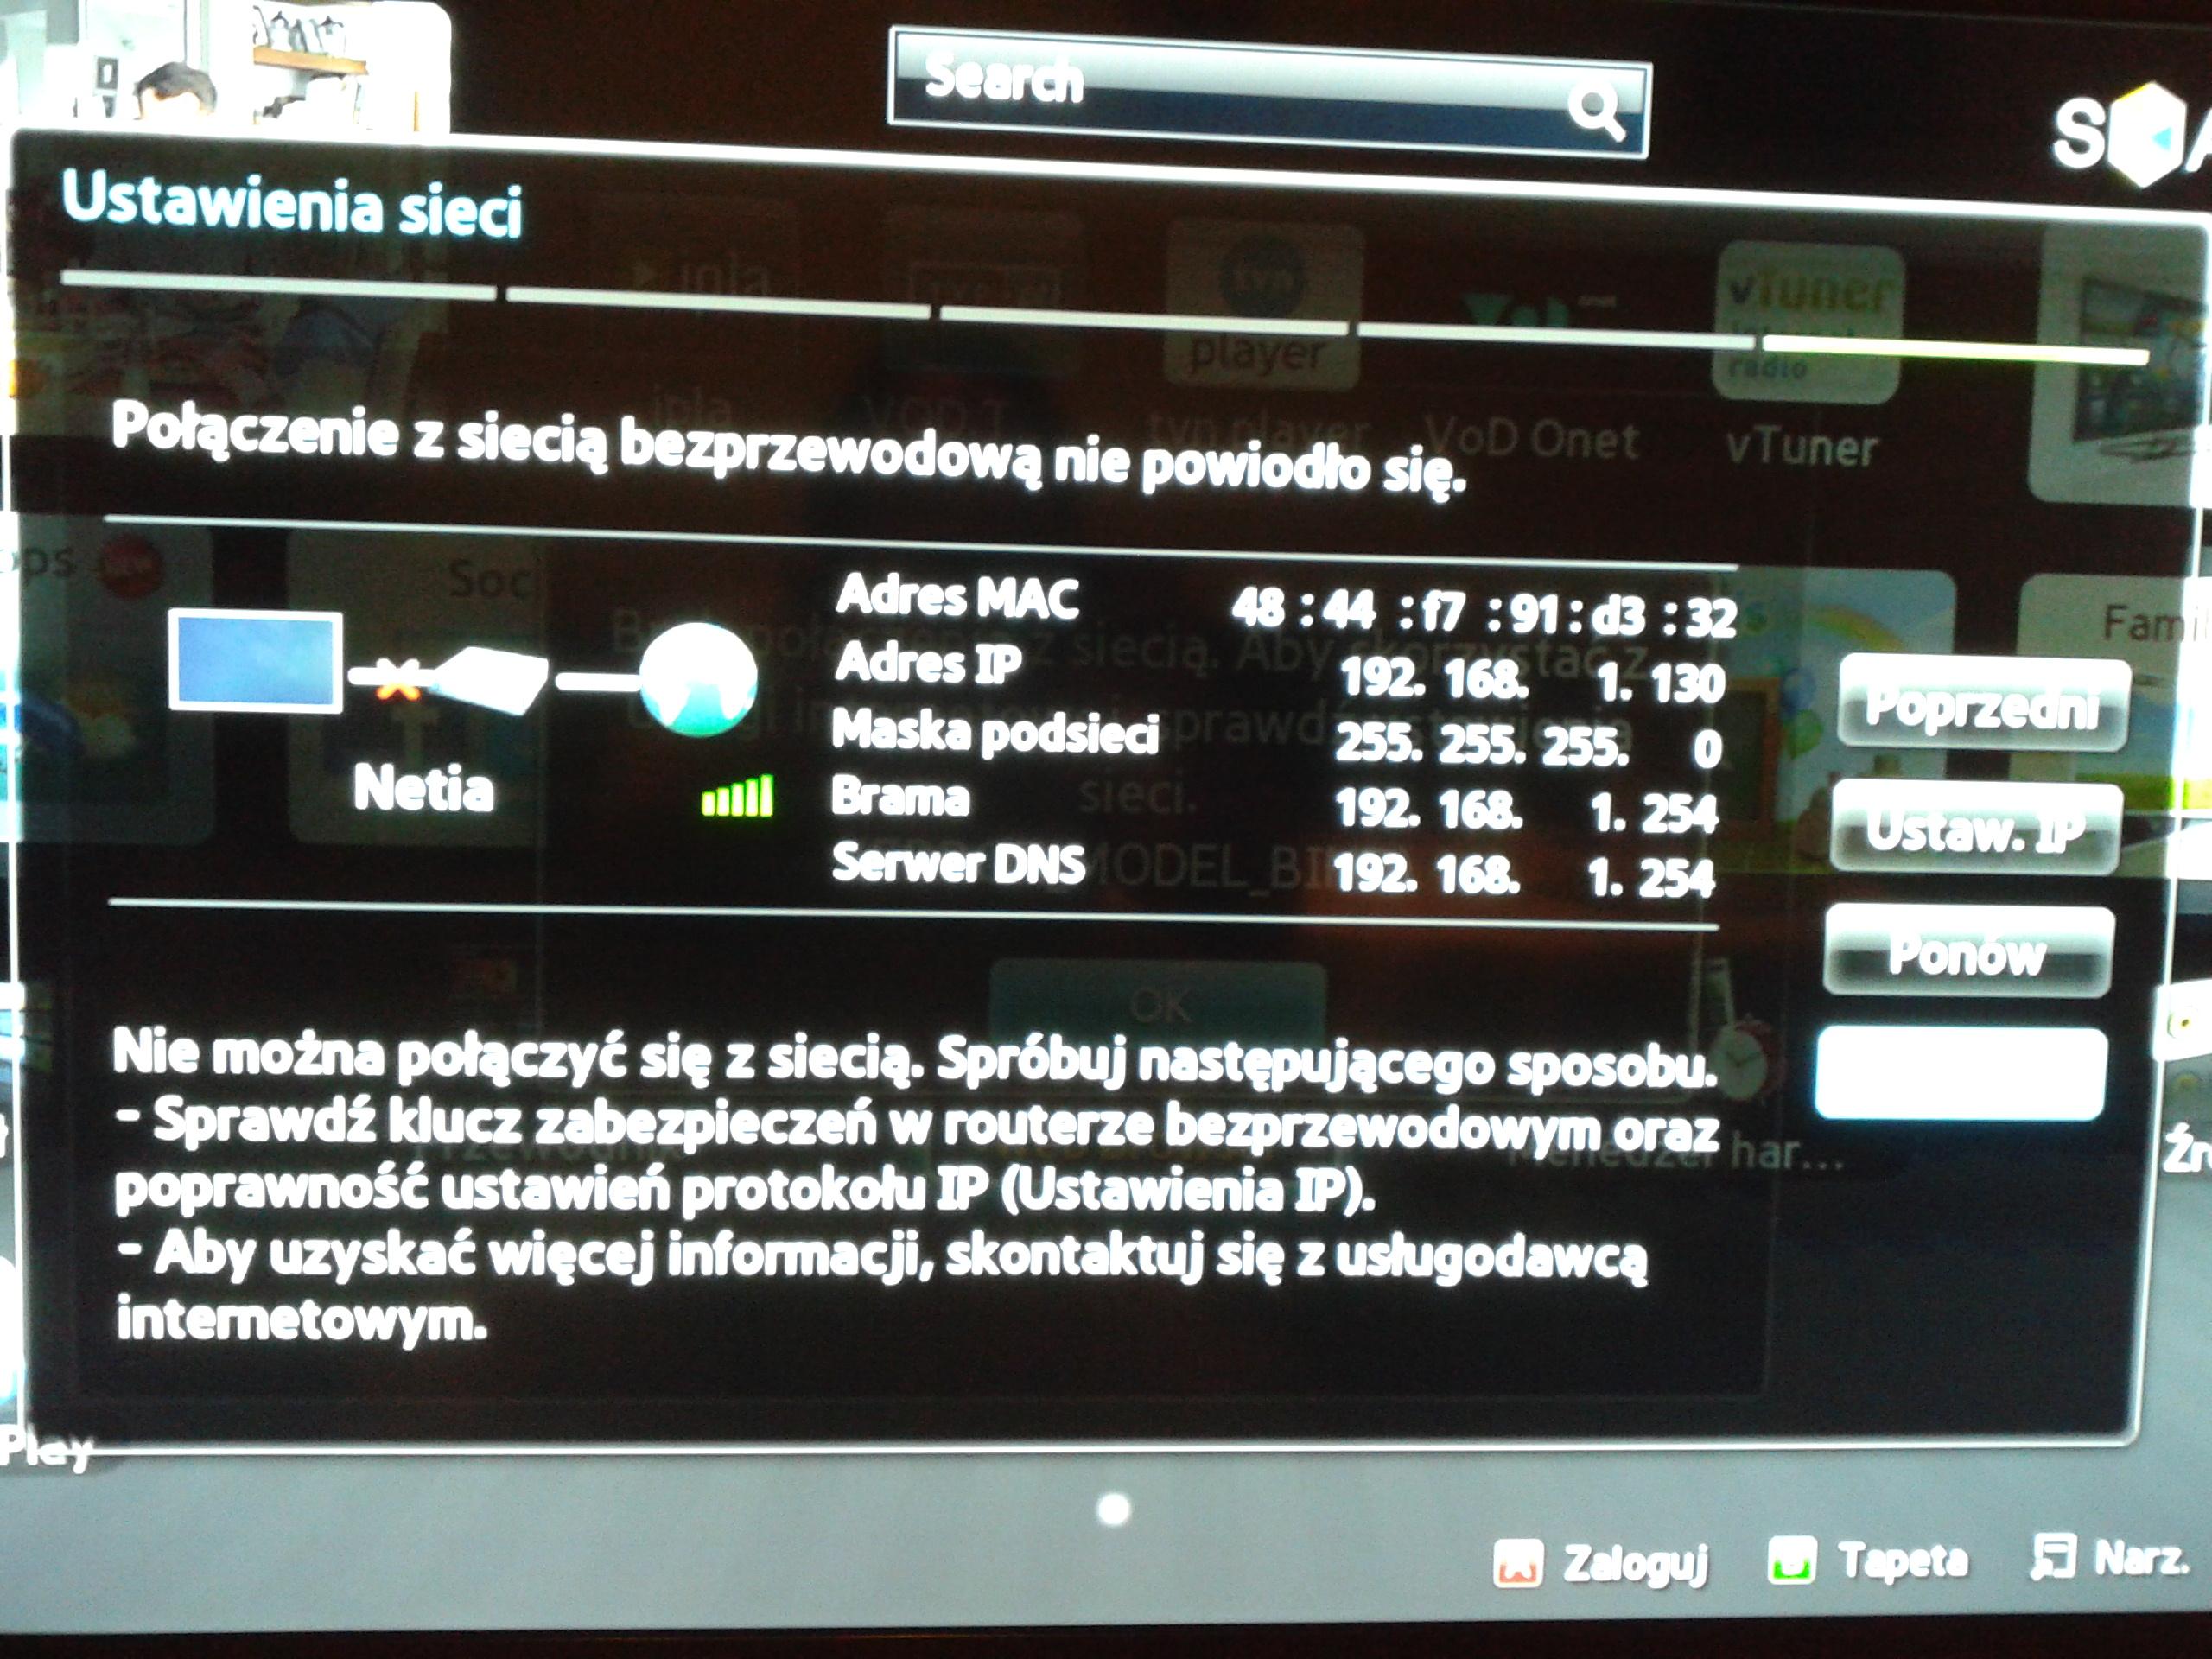 TV samsung ue40es5500 - Brak po��czenia z internetem wifi